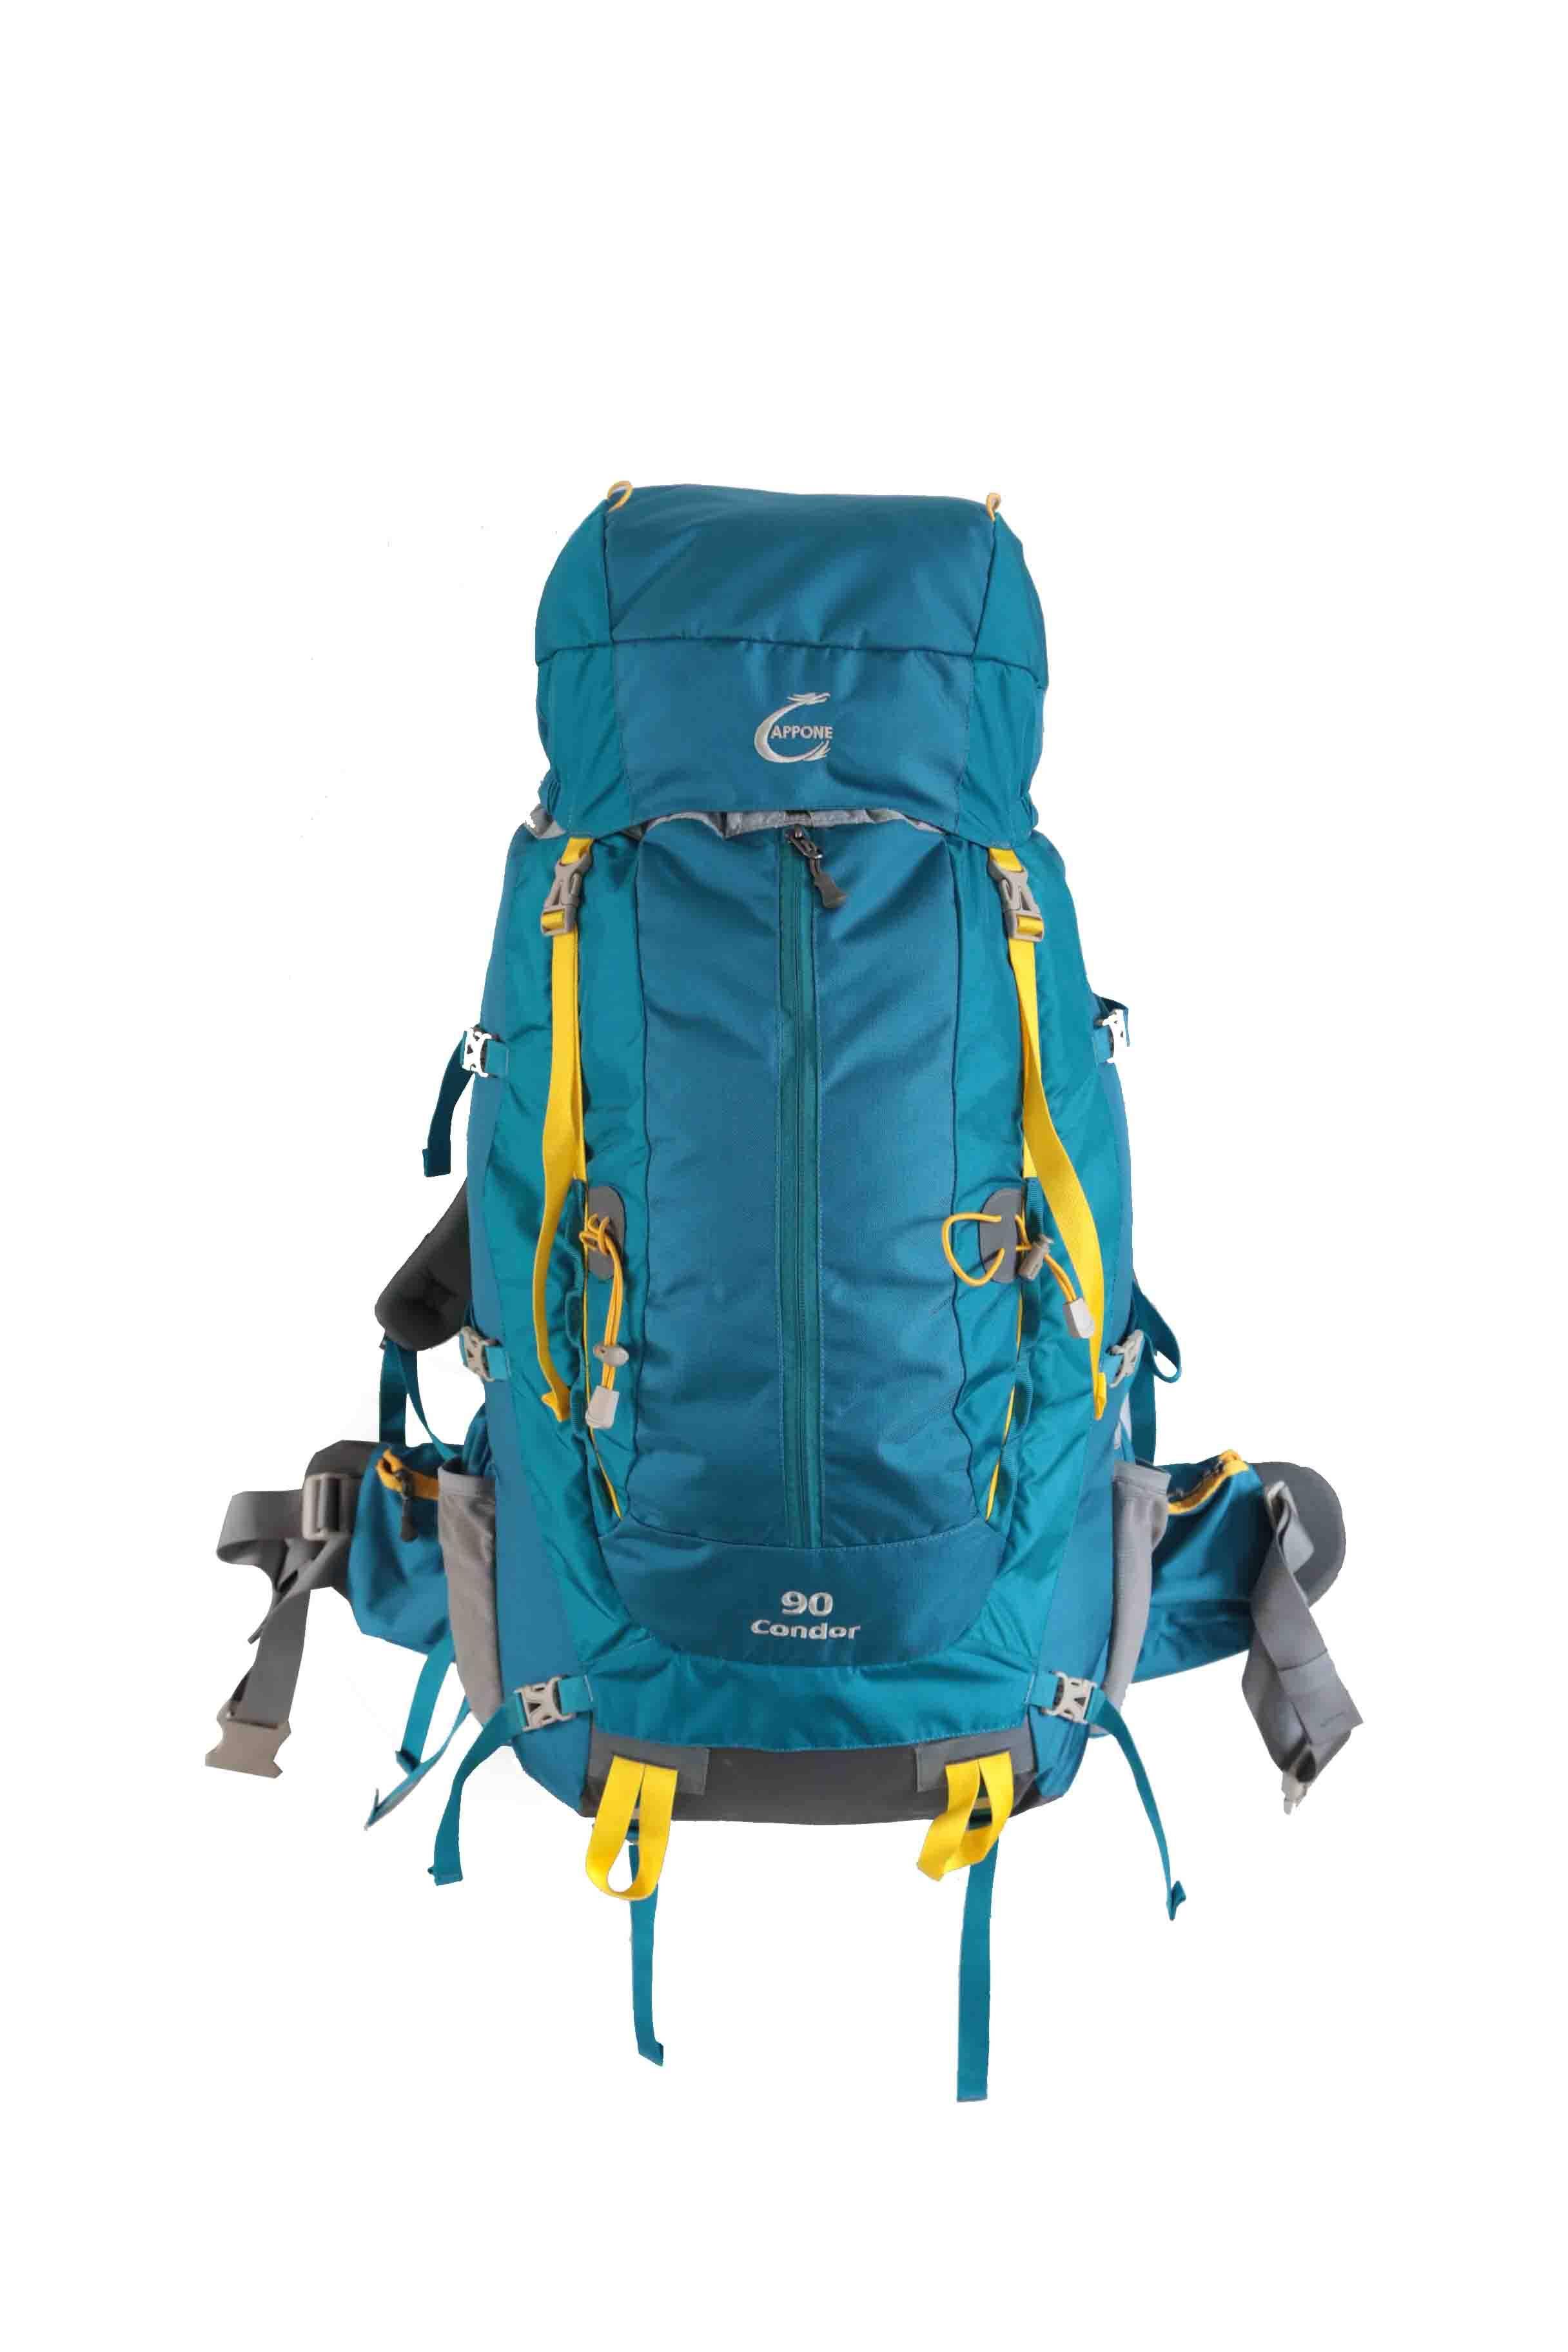 Outdoor backpack Condor 90